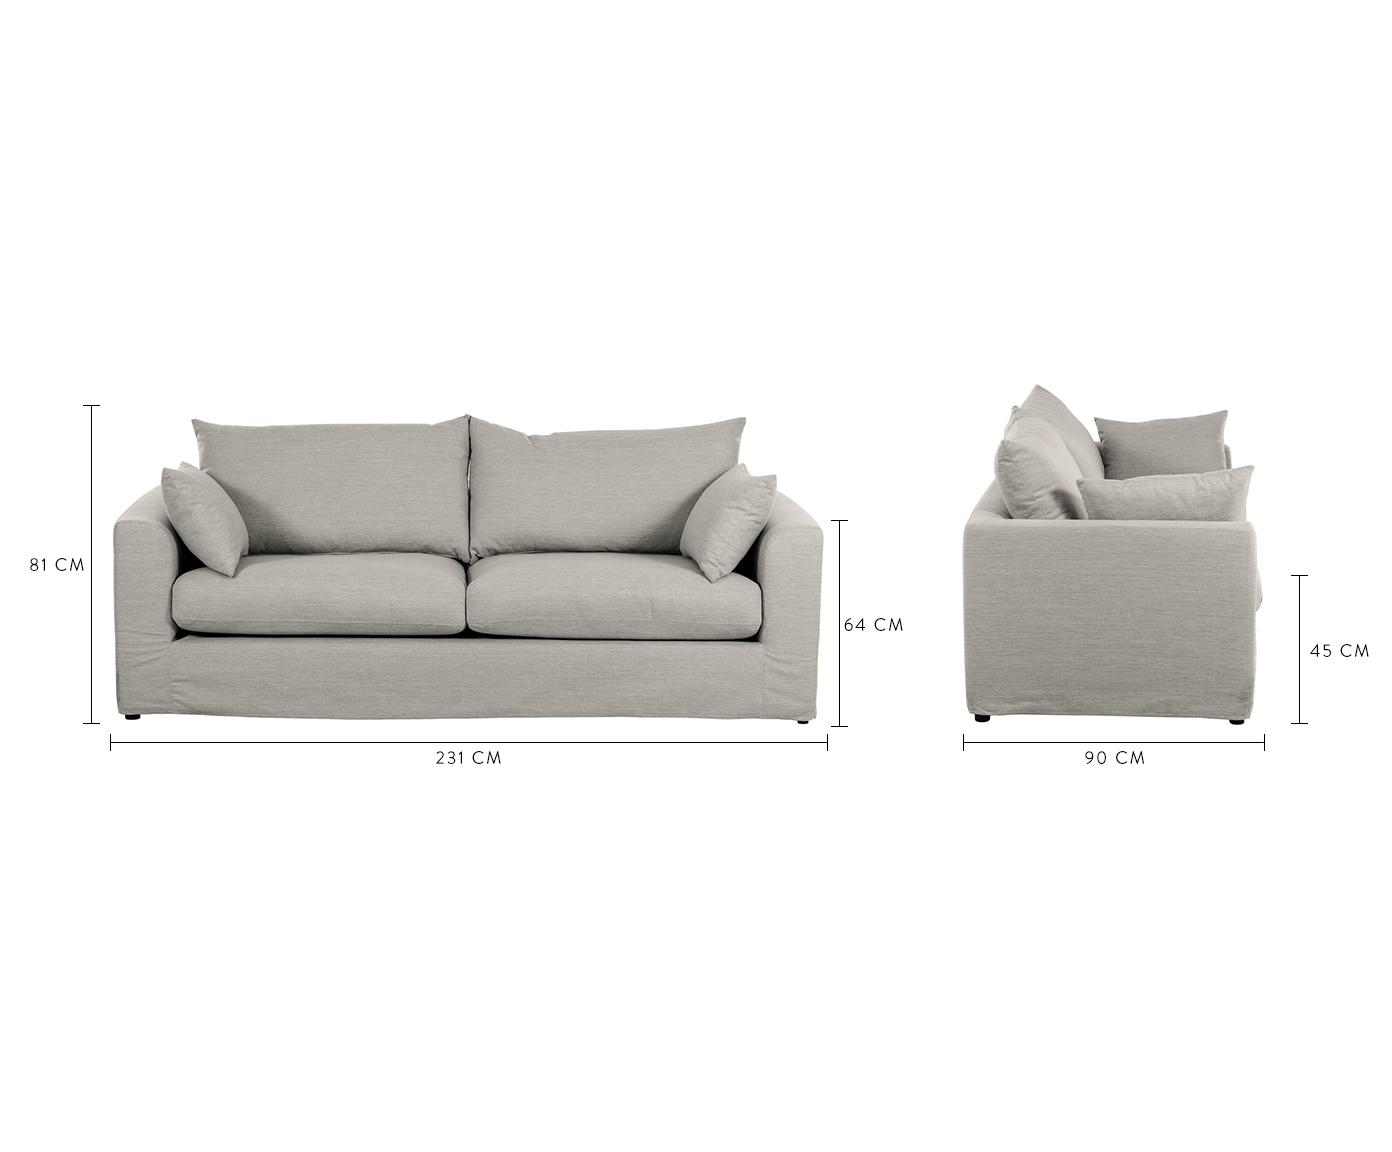 Sofa Zach (3-Sitzer), Bezug: Polypropylen Der hochwert, Füße: Kunststoff, Webstoff Taupe, B 231 x T 90 cm